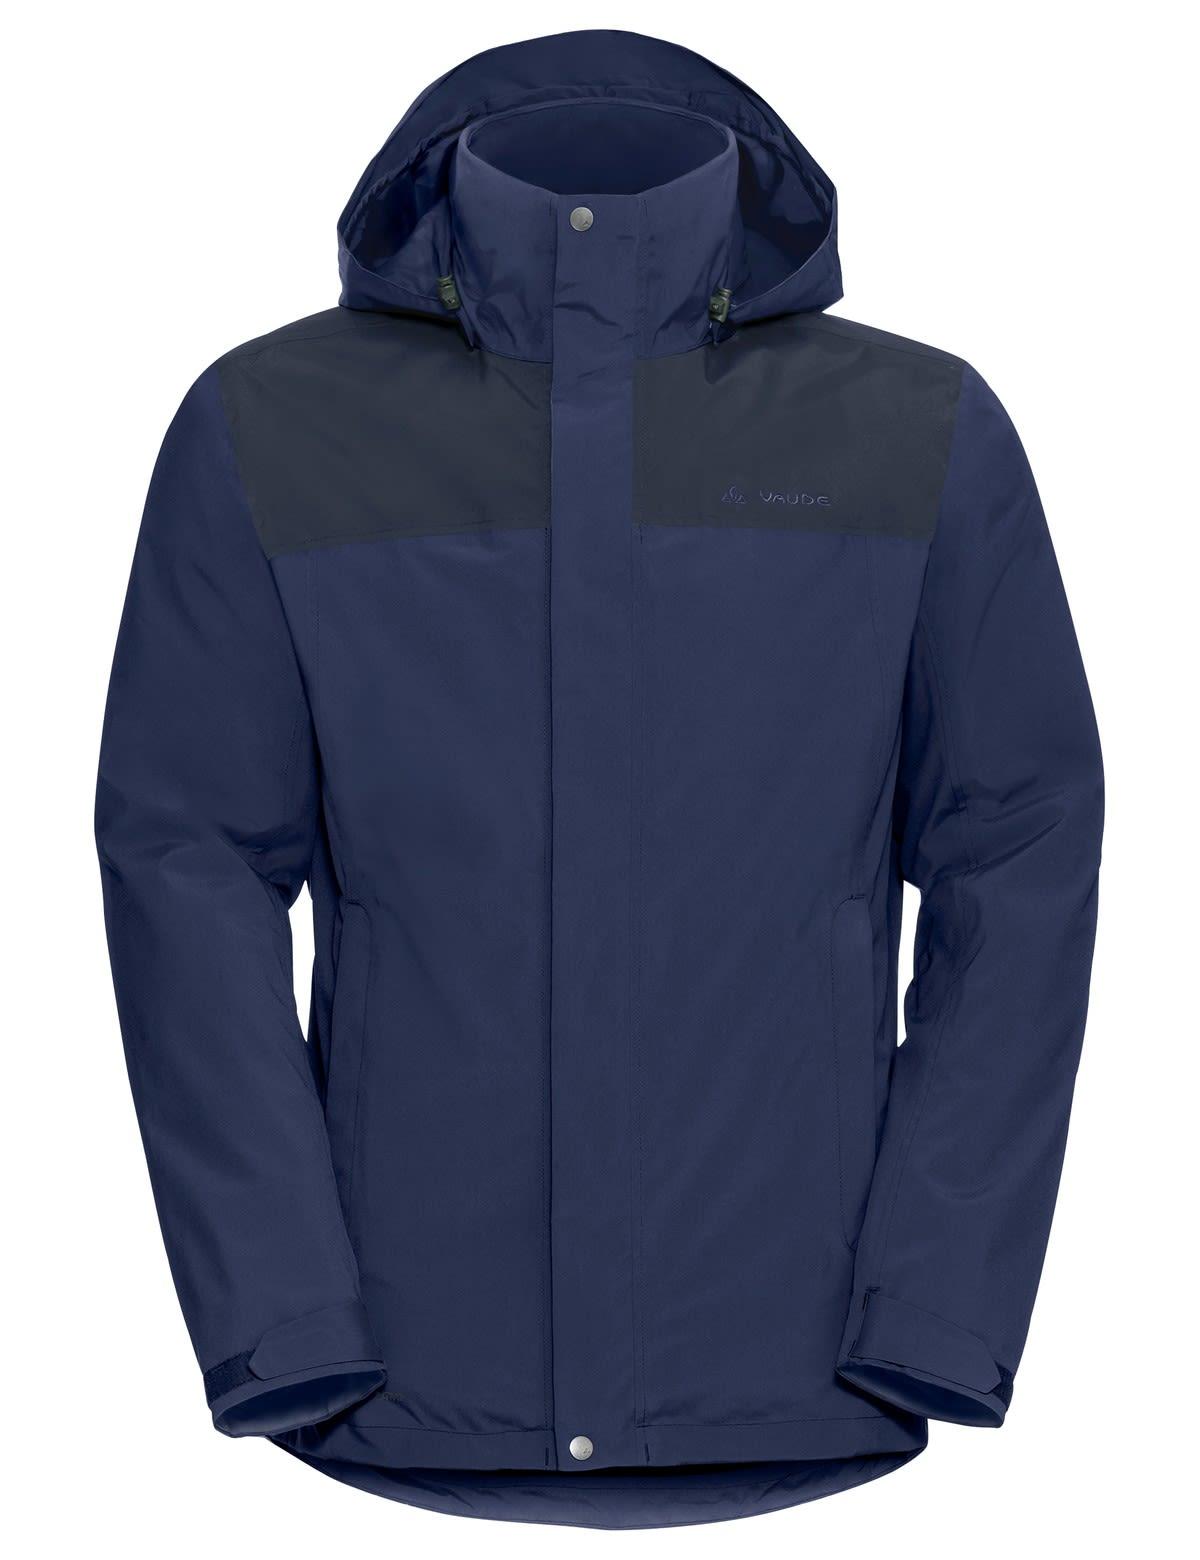 Vaude Kintail 3in1 Jacket III Blau, Male Doppeljacke-3-in-1-Jacke, XXL